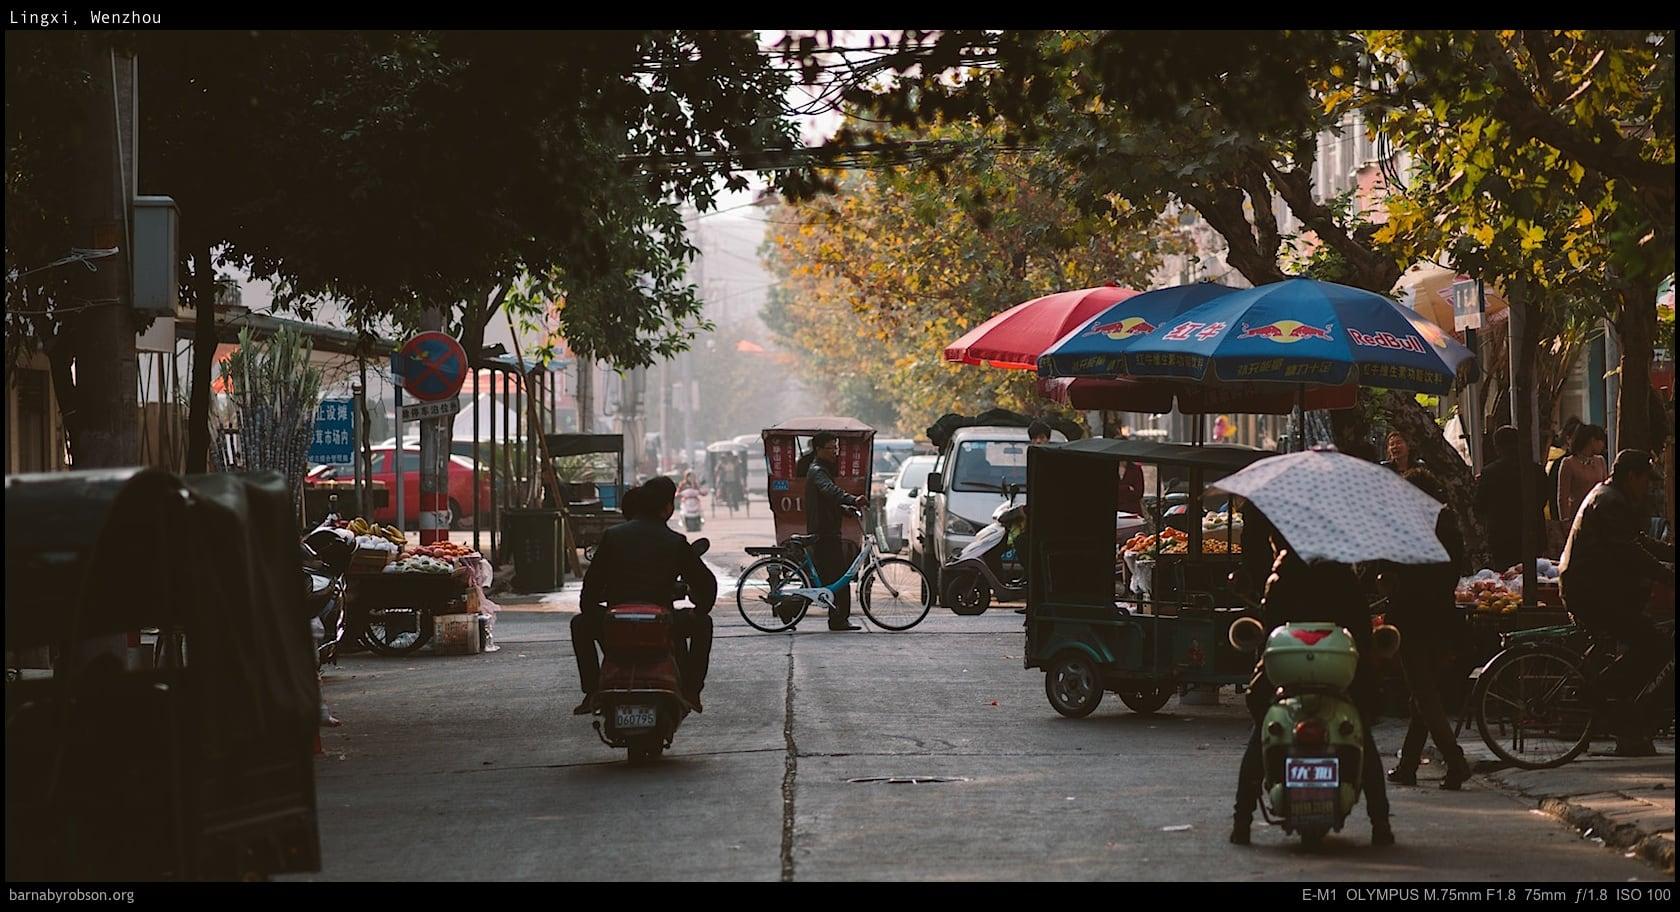 Lingxi Streets